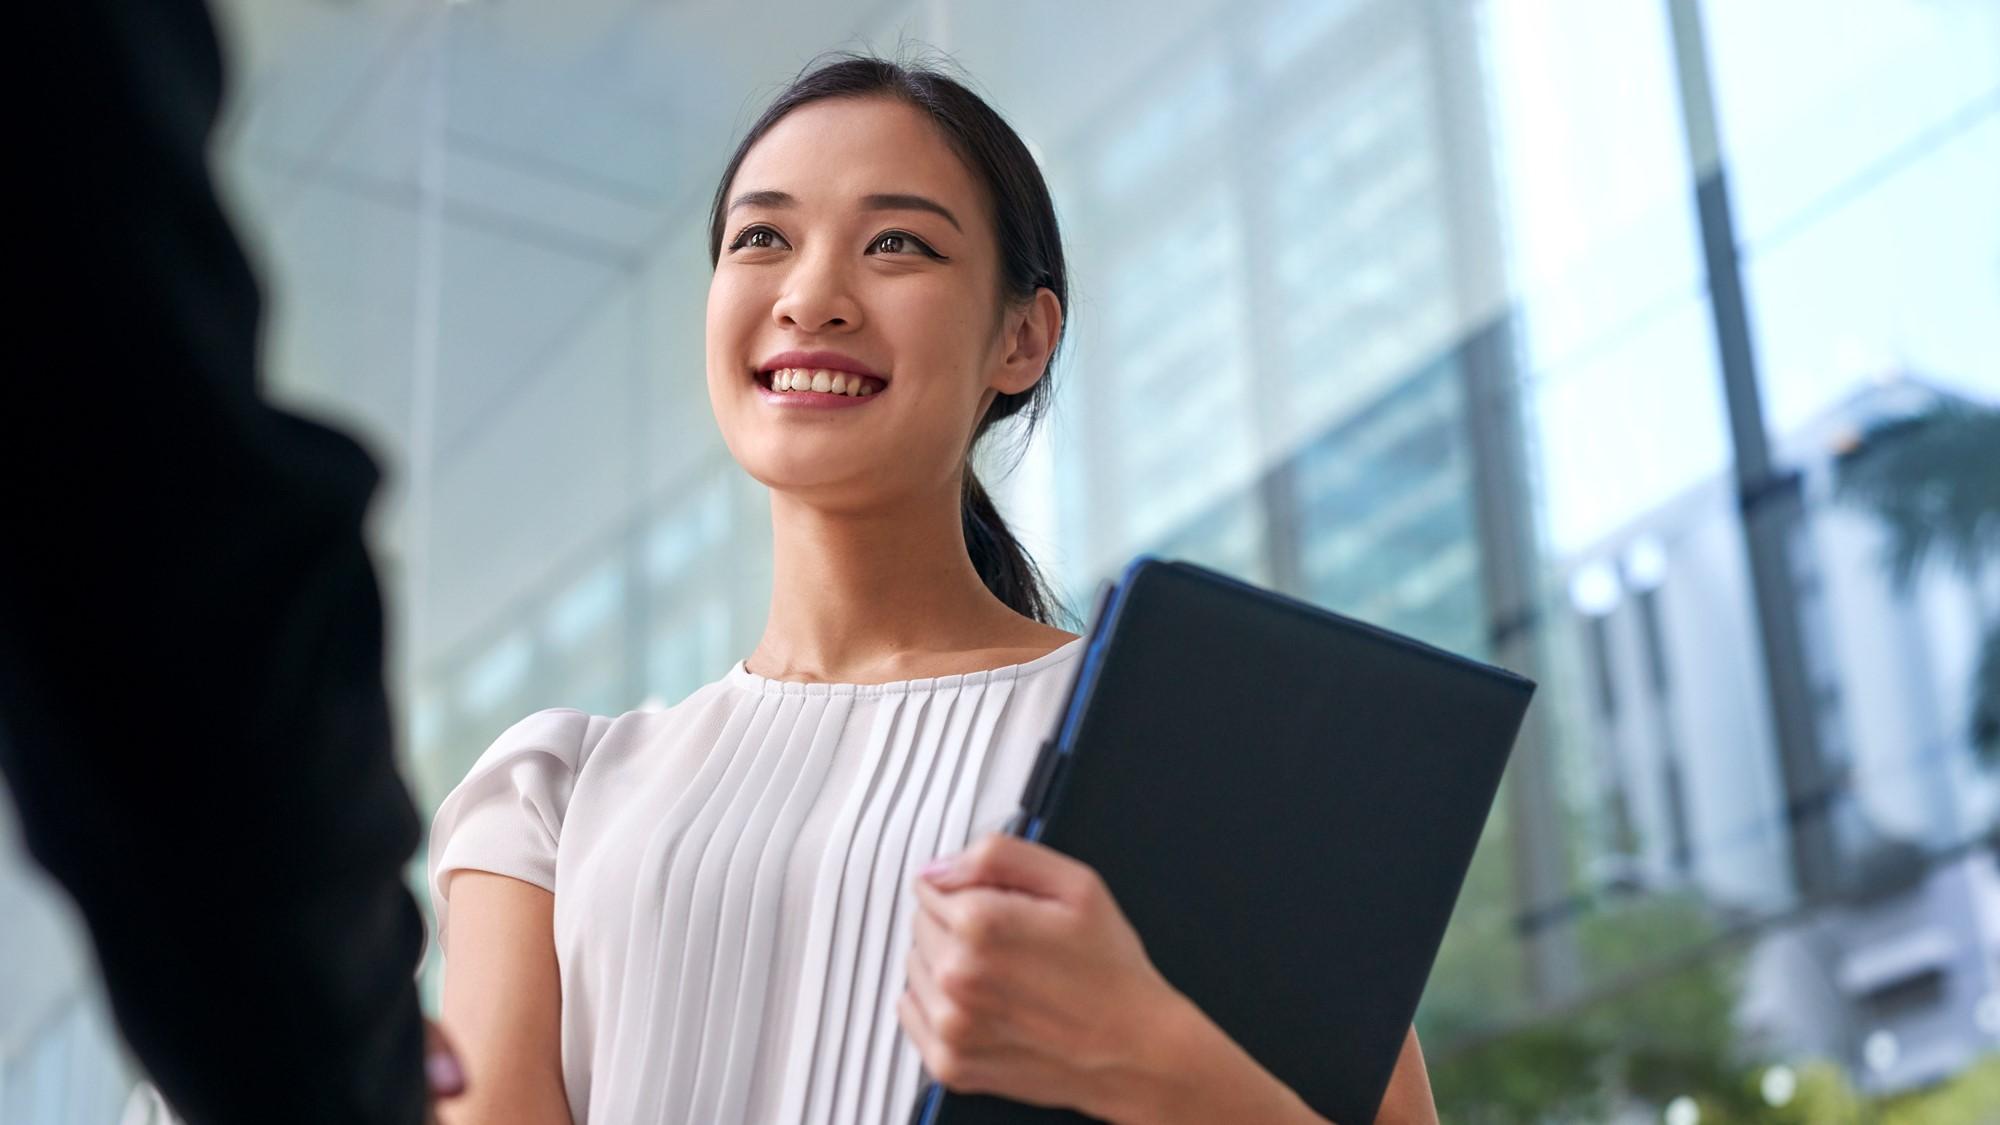 【日本経済新聞社主催】今、世界で活躍できる人づくりとは! サントリーのグローバル人材育成 ~「やってみなはれ」流の実践力強化とキャリア開発の取組み~